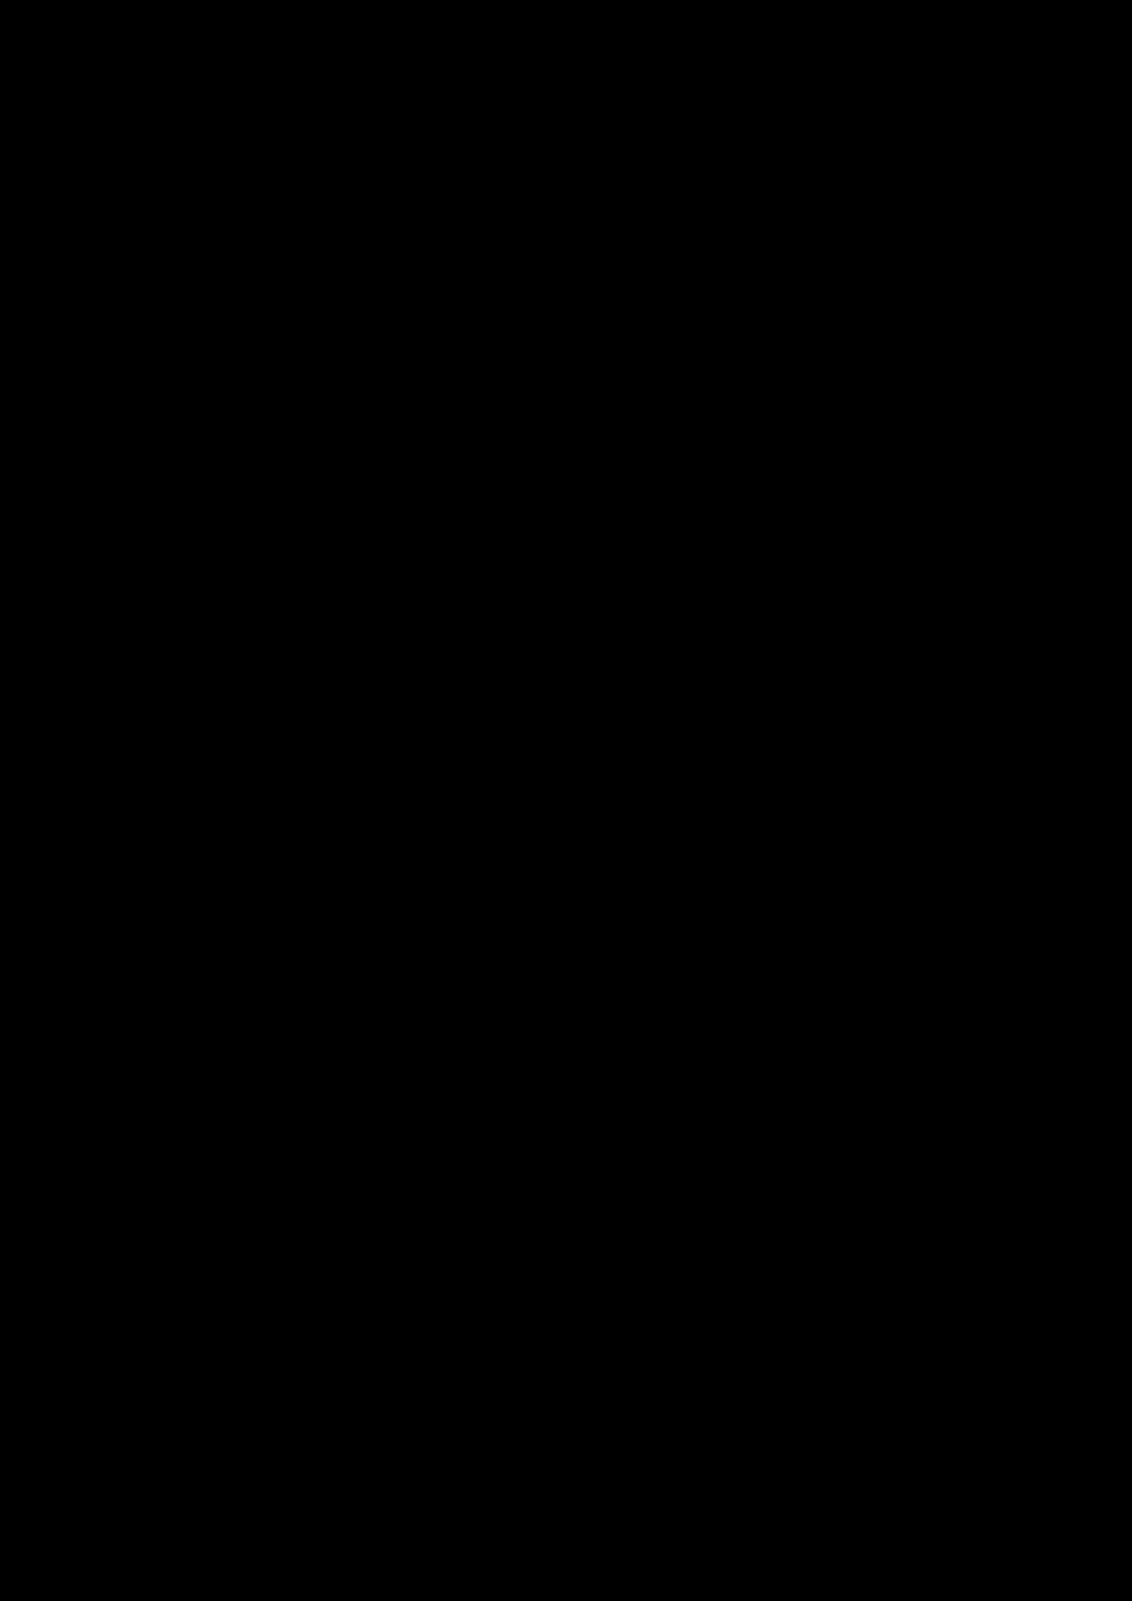 Proschanie s volshebnoy stranoy slide, Image 40